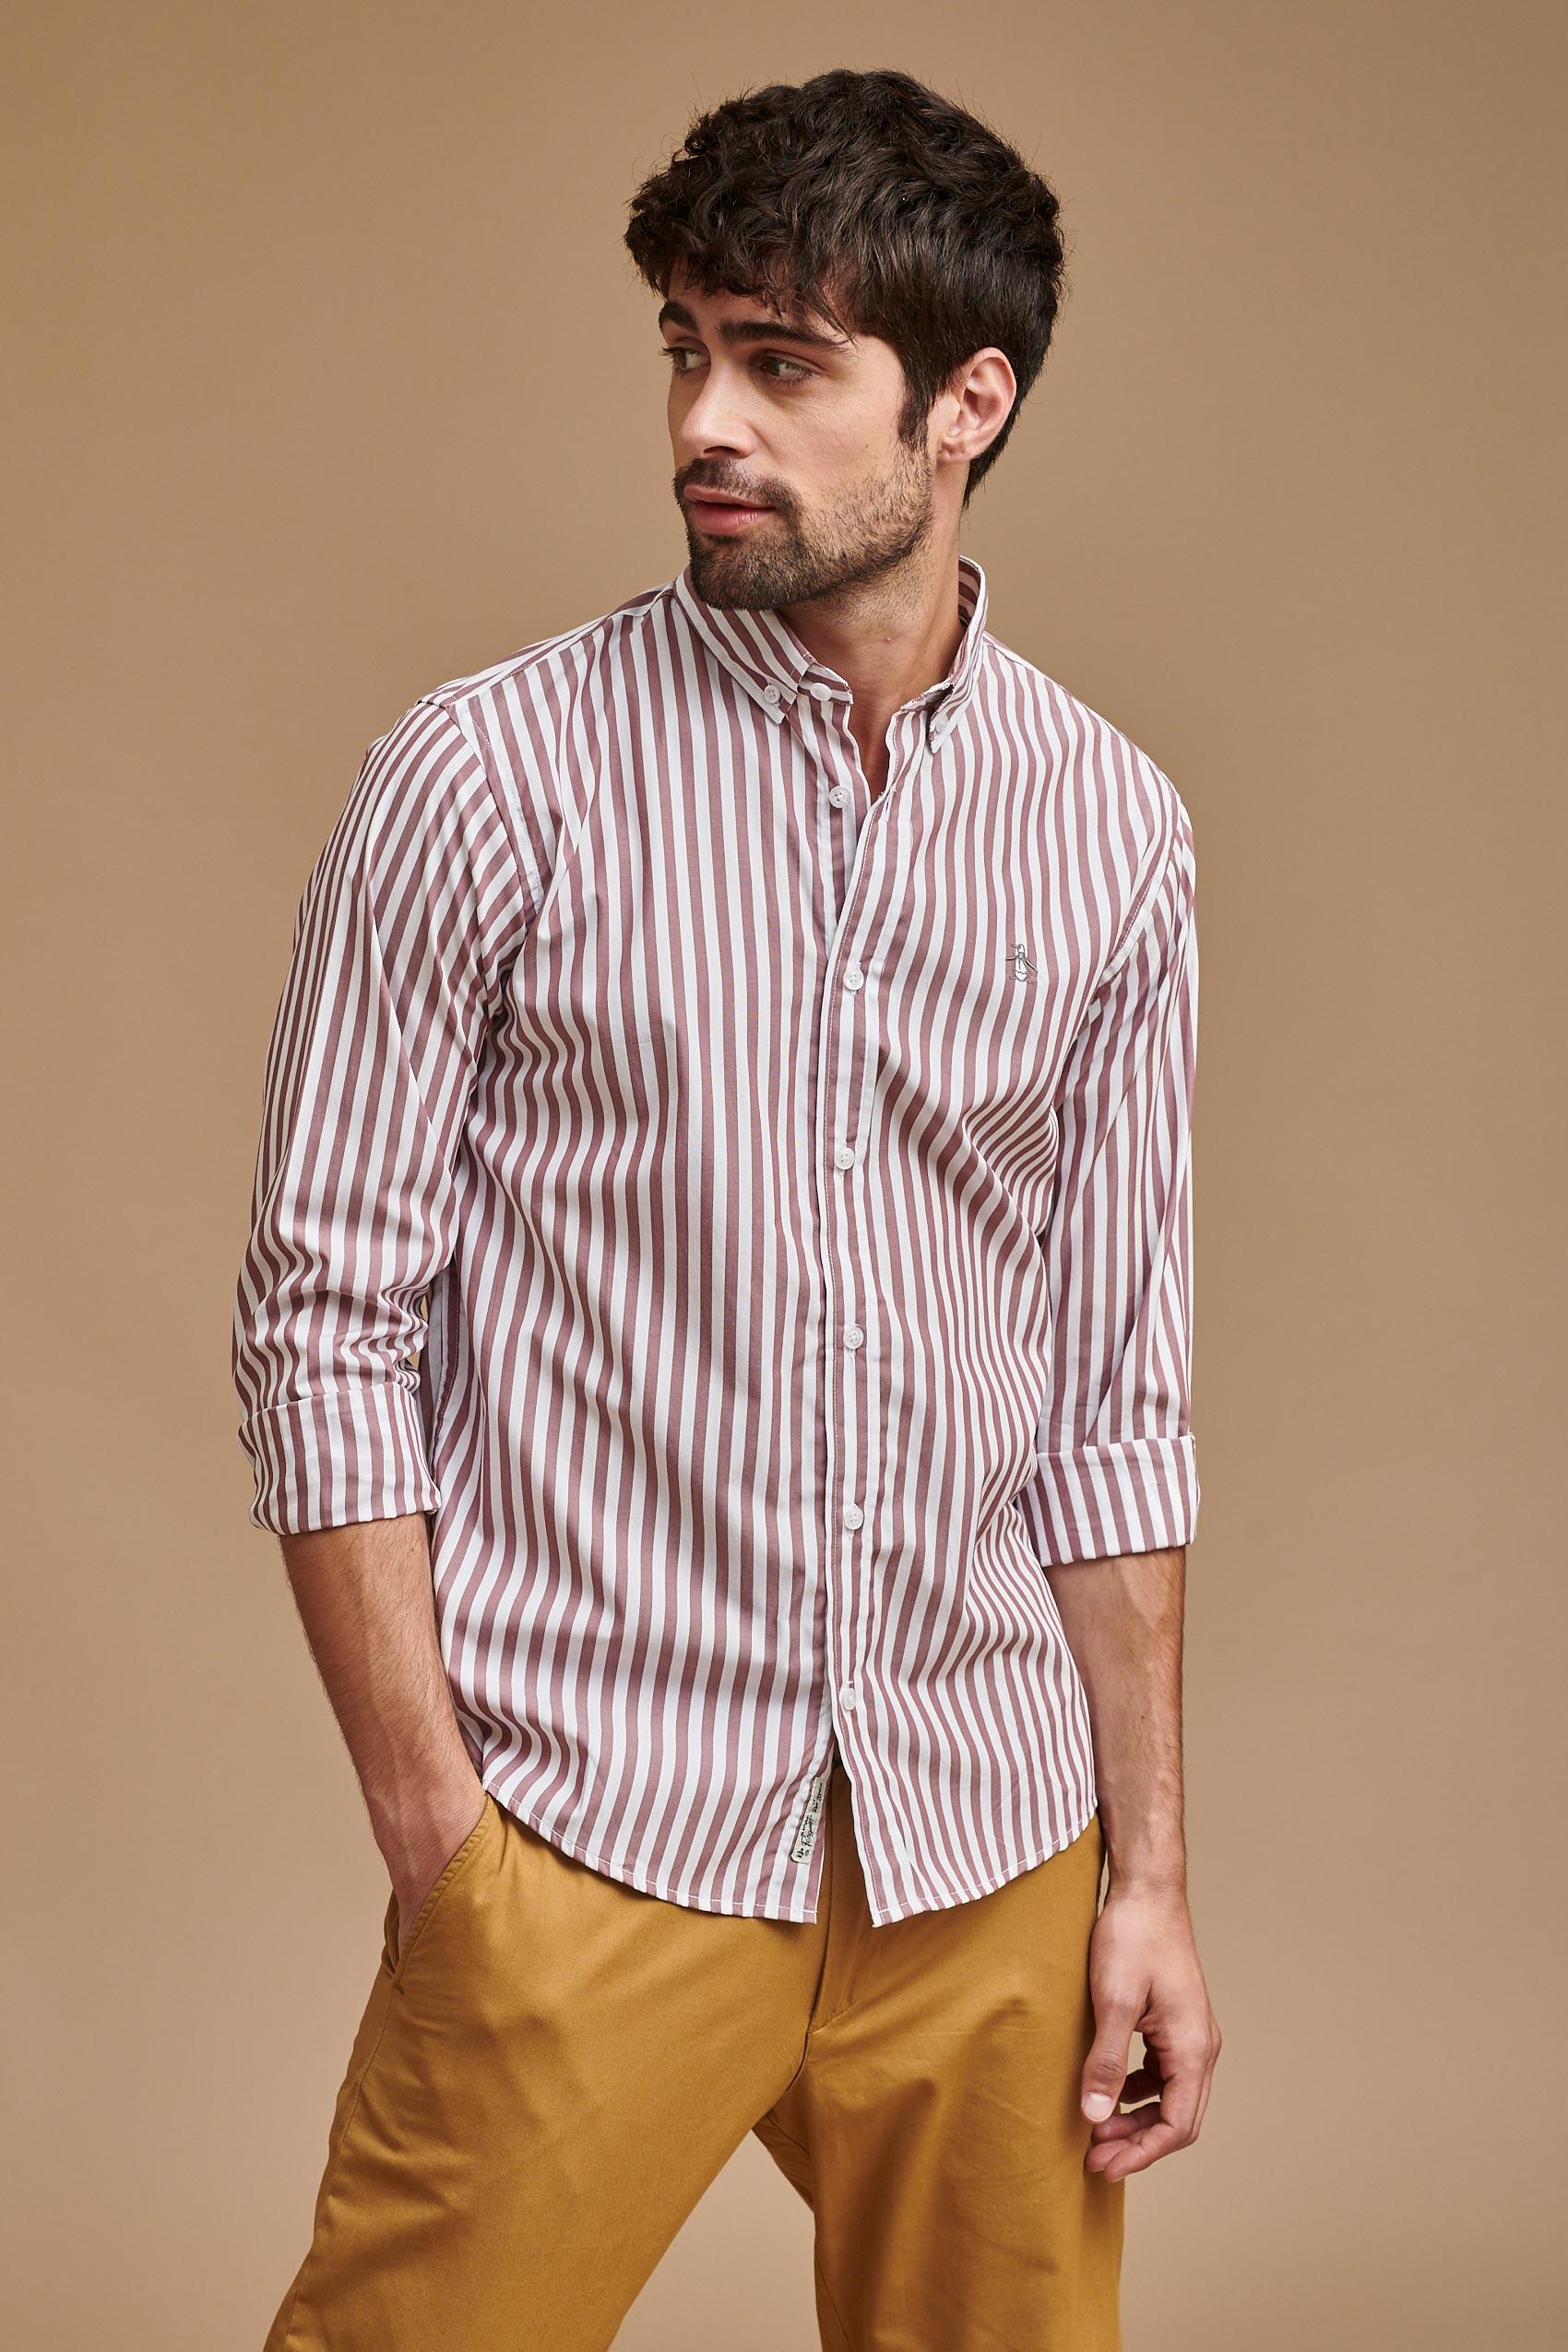 penguin_ls-wide-stripe-shirt-b/d_59-13-2020__picture-15006